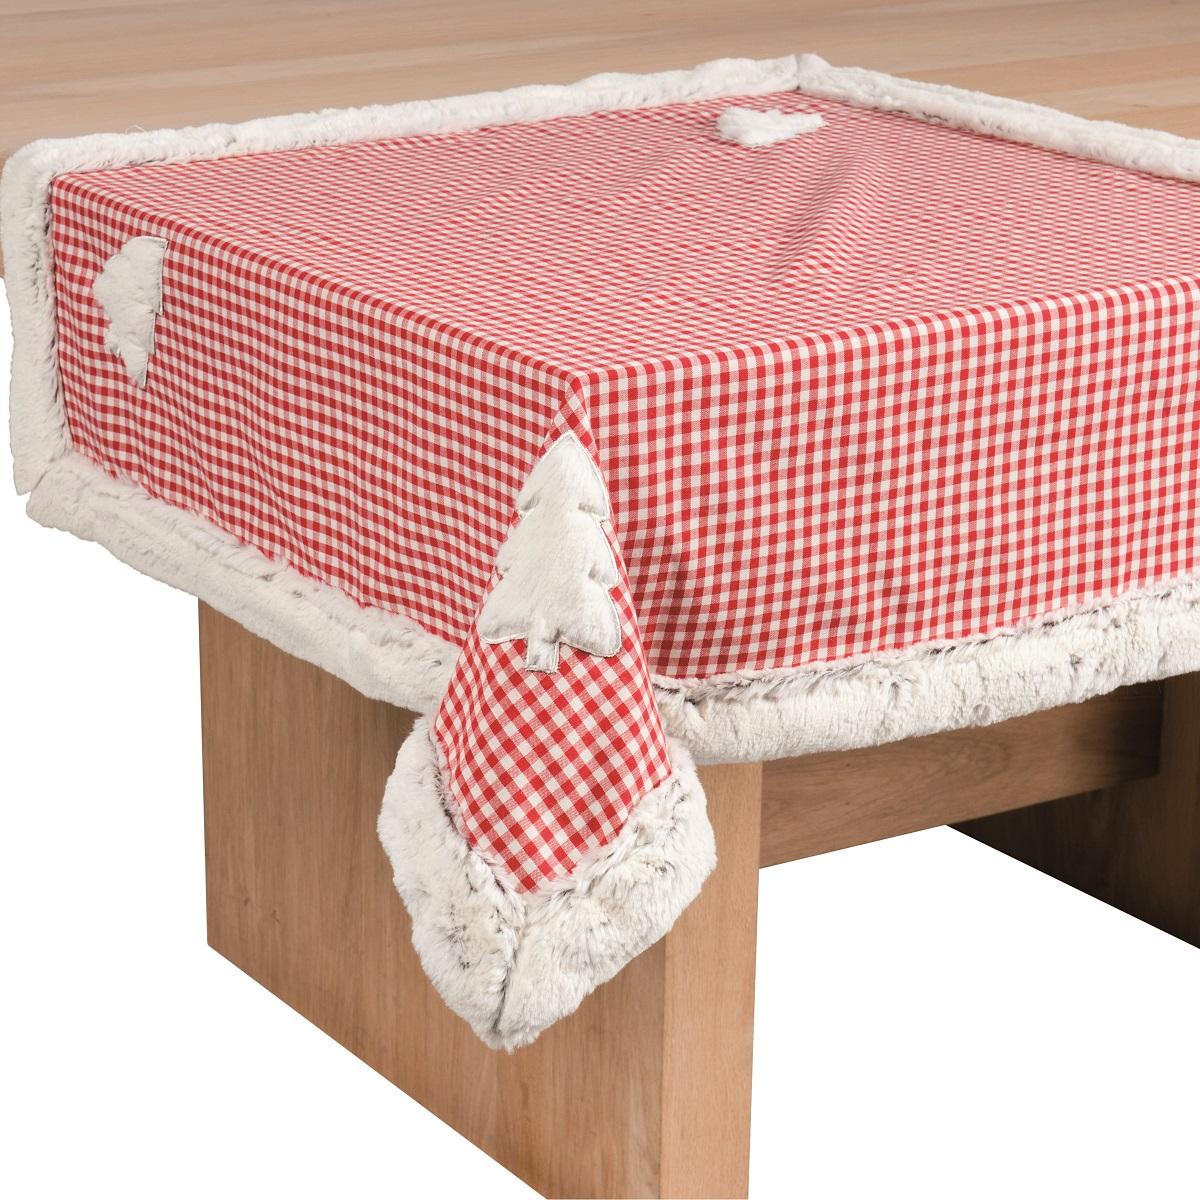 Wohnideen Weihnachtsdeko tischdecke finn rot 85cmx85cm tischtuch tischläufer weihnachtsdeko